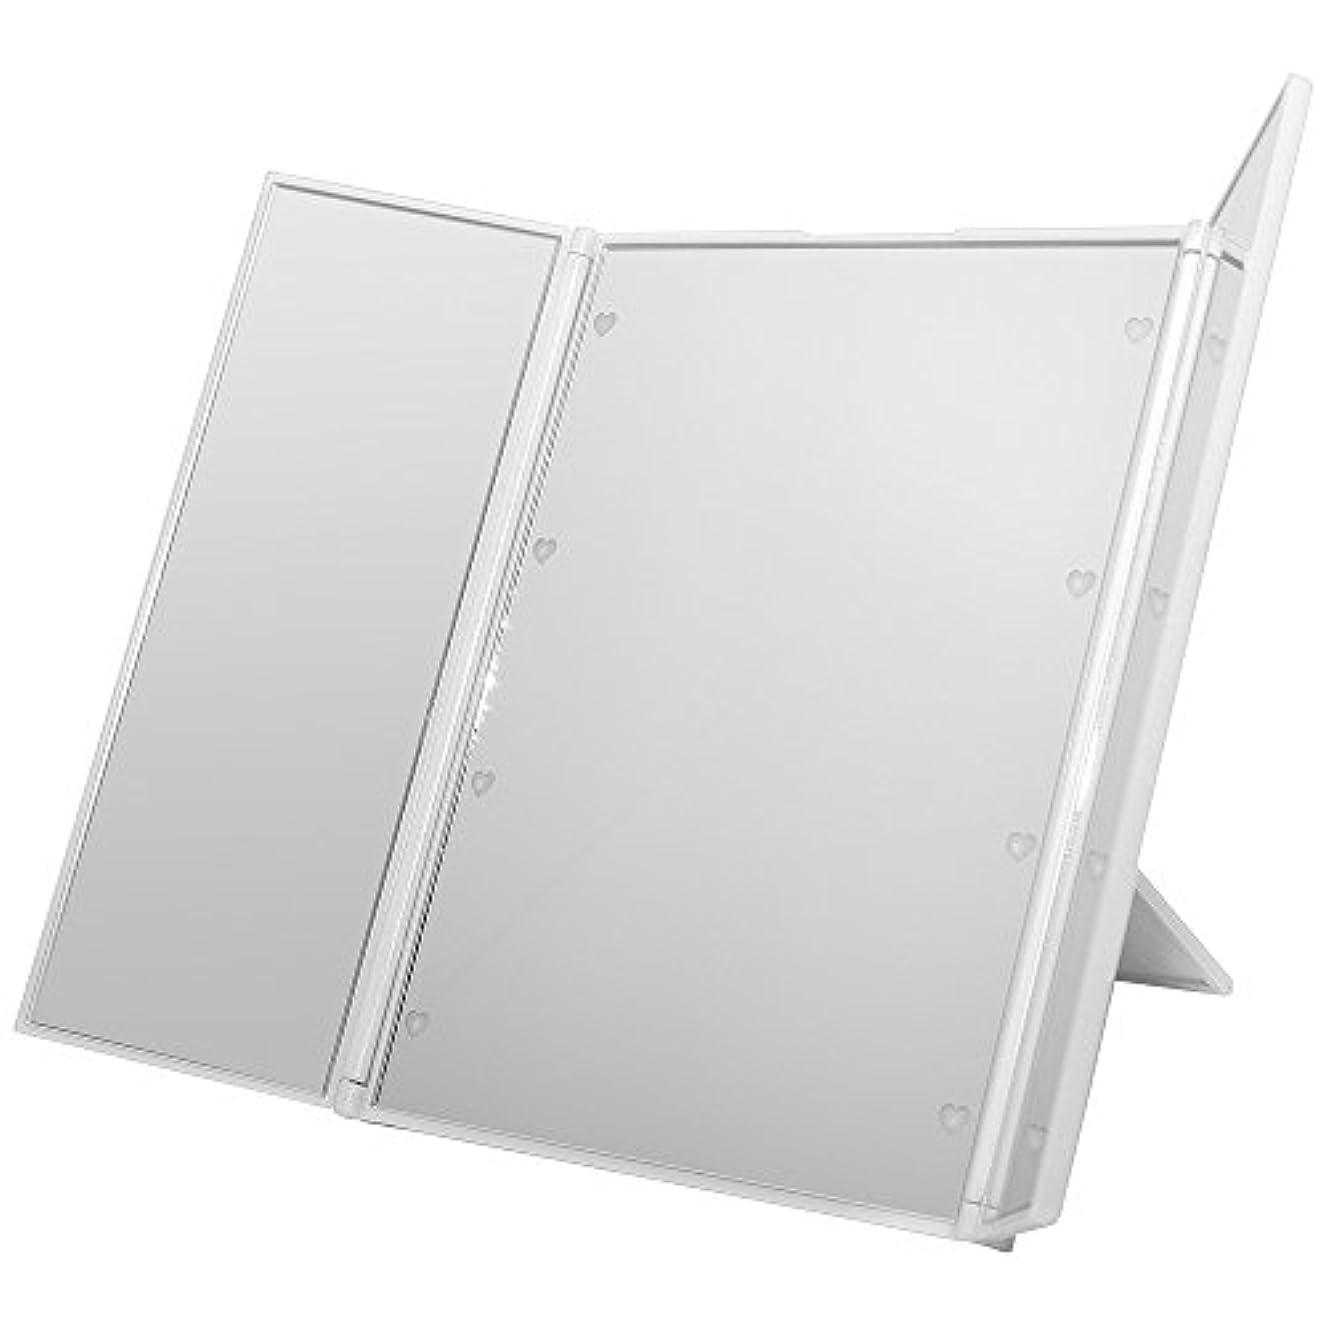 民主党バンジージャンプゲートウェイGoodsLand 【 ハート型 LED ライト付 】 卓上 折りたたみ 三面鏡 大型 大きい かわいい スタンド ミラー メイク アップ ブライトニング GD-LED-3MR-WH